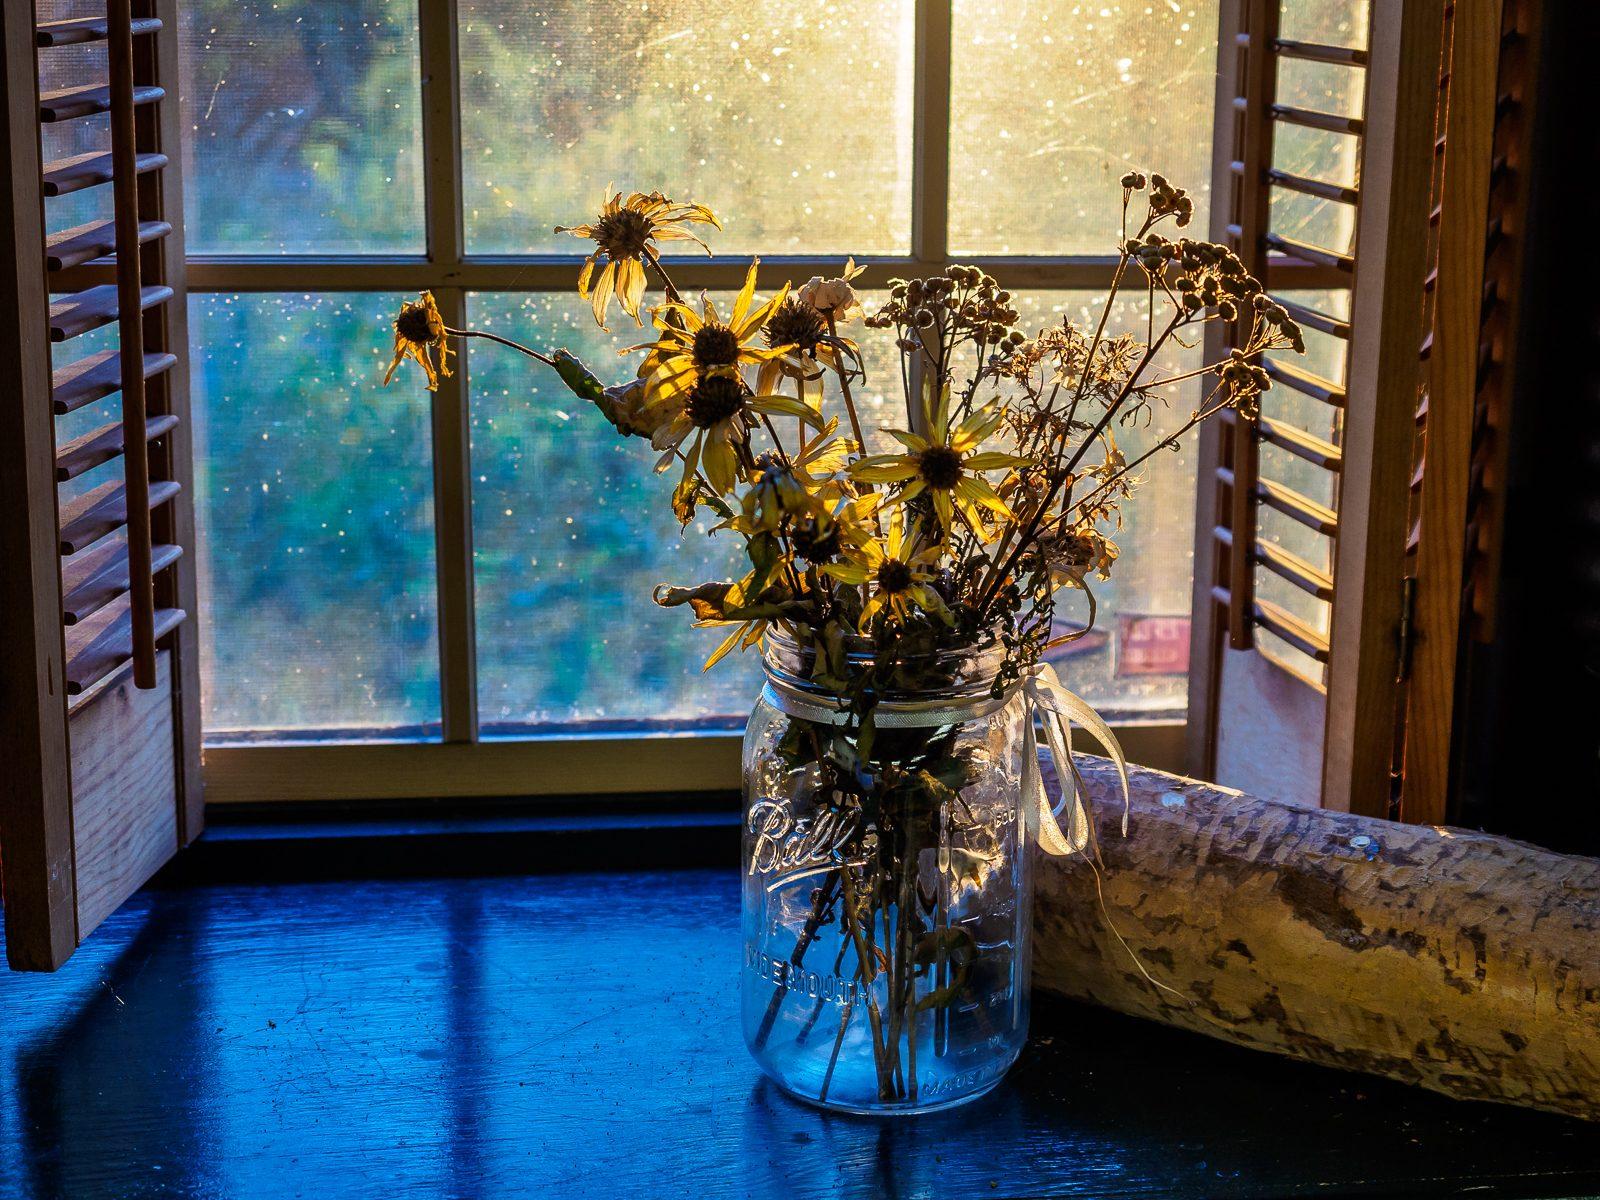 flowers-window-9120001